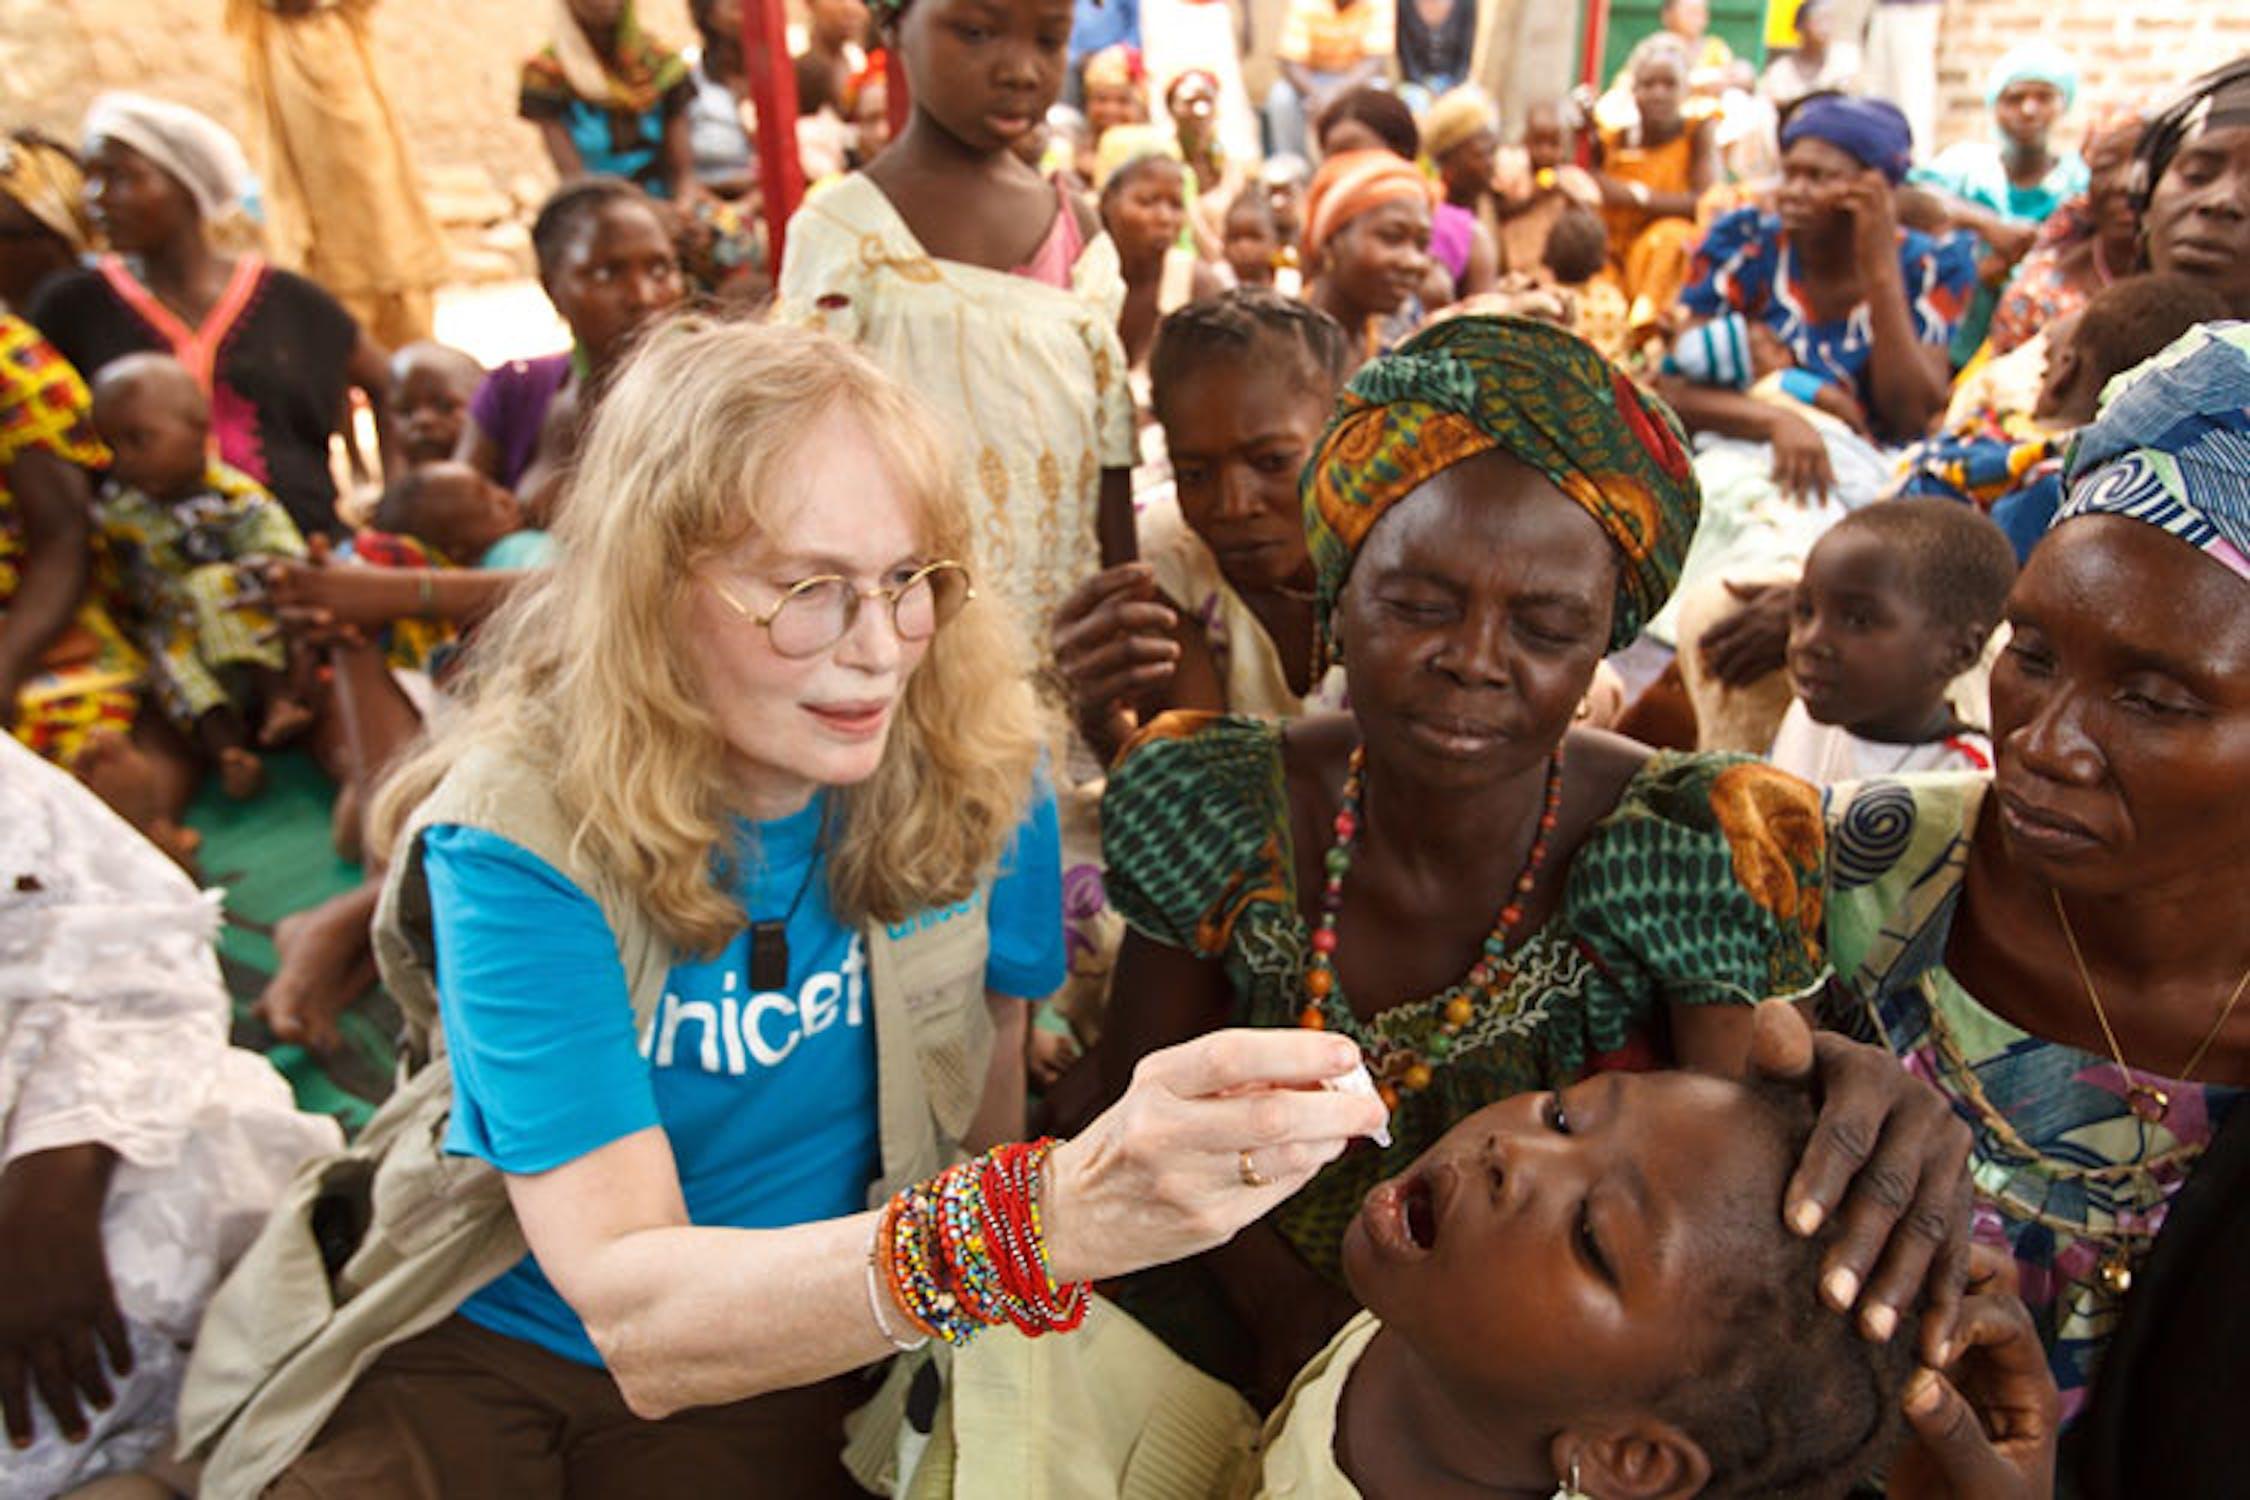 Moundou (Ciad): Mia Farrow somministra una dose di vaccino orale antipolio durante una sessione di immunizzazione gestita da una ONG ciadiana e finanziata dall'UNICEF - ©UNICEF/NYHQ2012-0062/Asselin